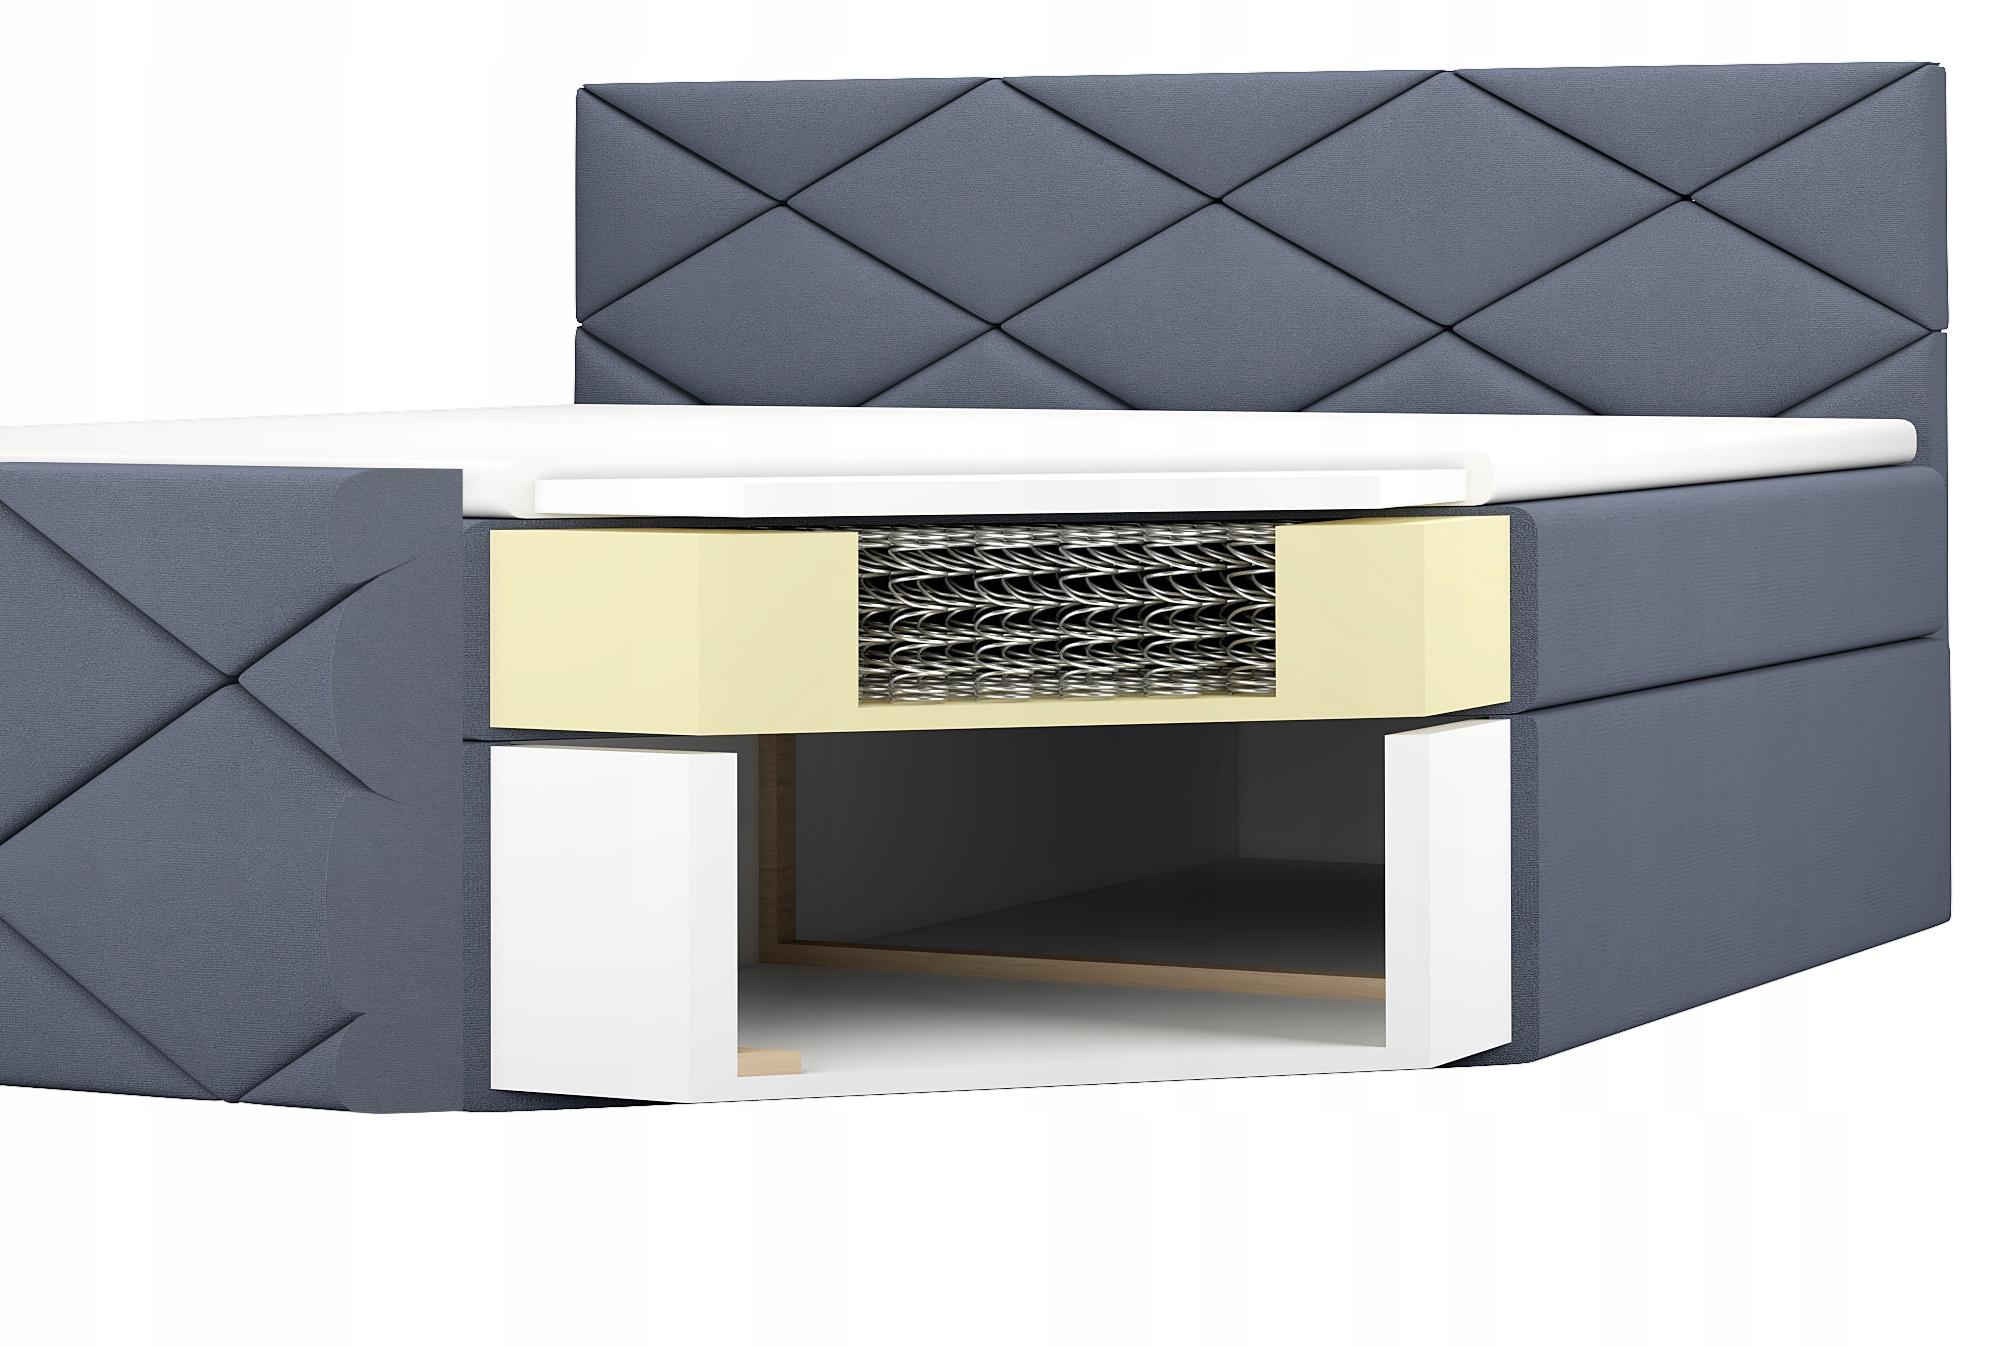 Łóżko Tapicerowane Kontynentalne LUX 120 materac Wysokość mebla 44 cm